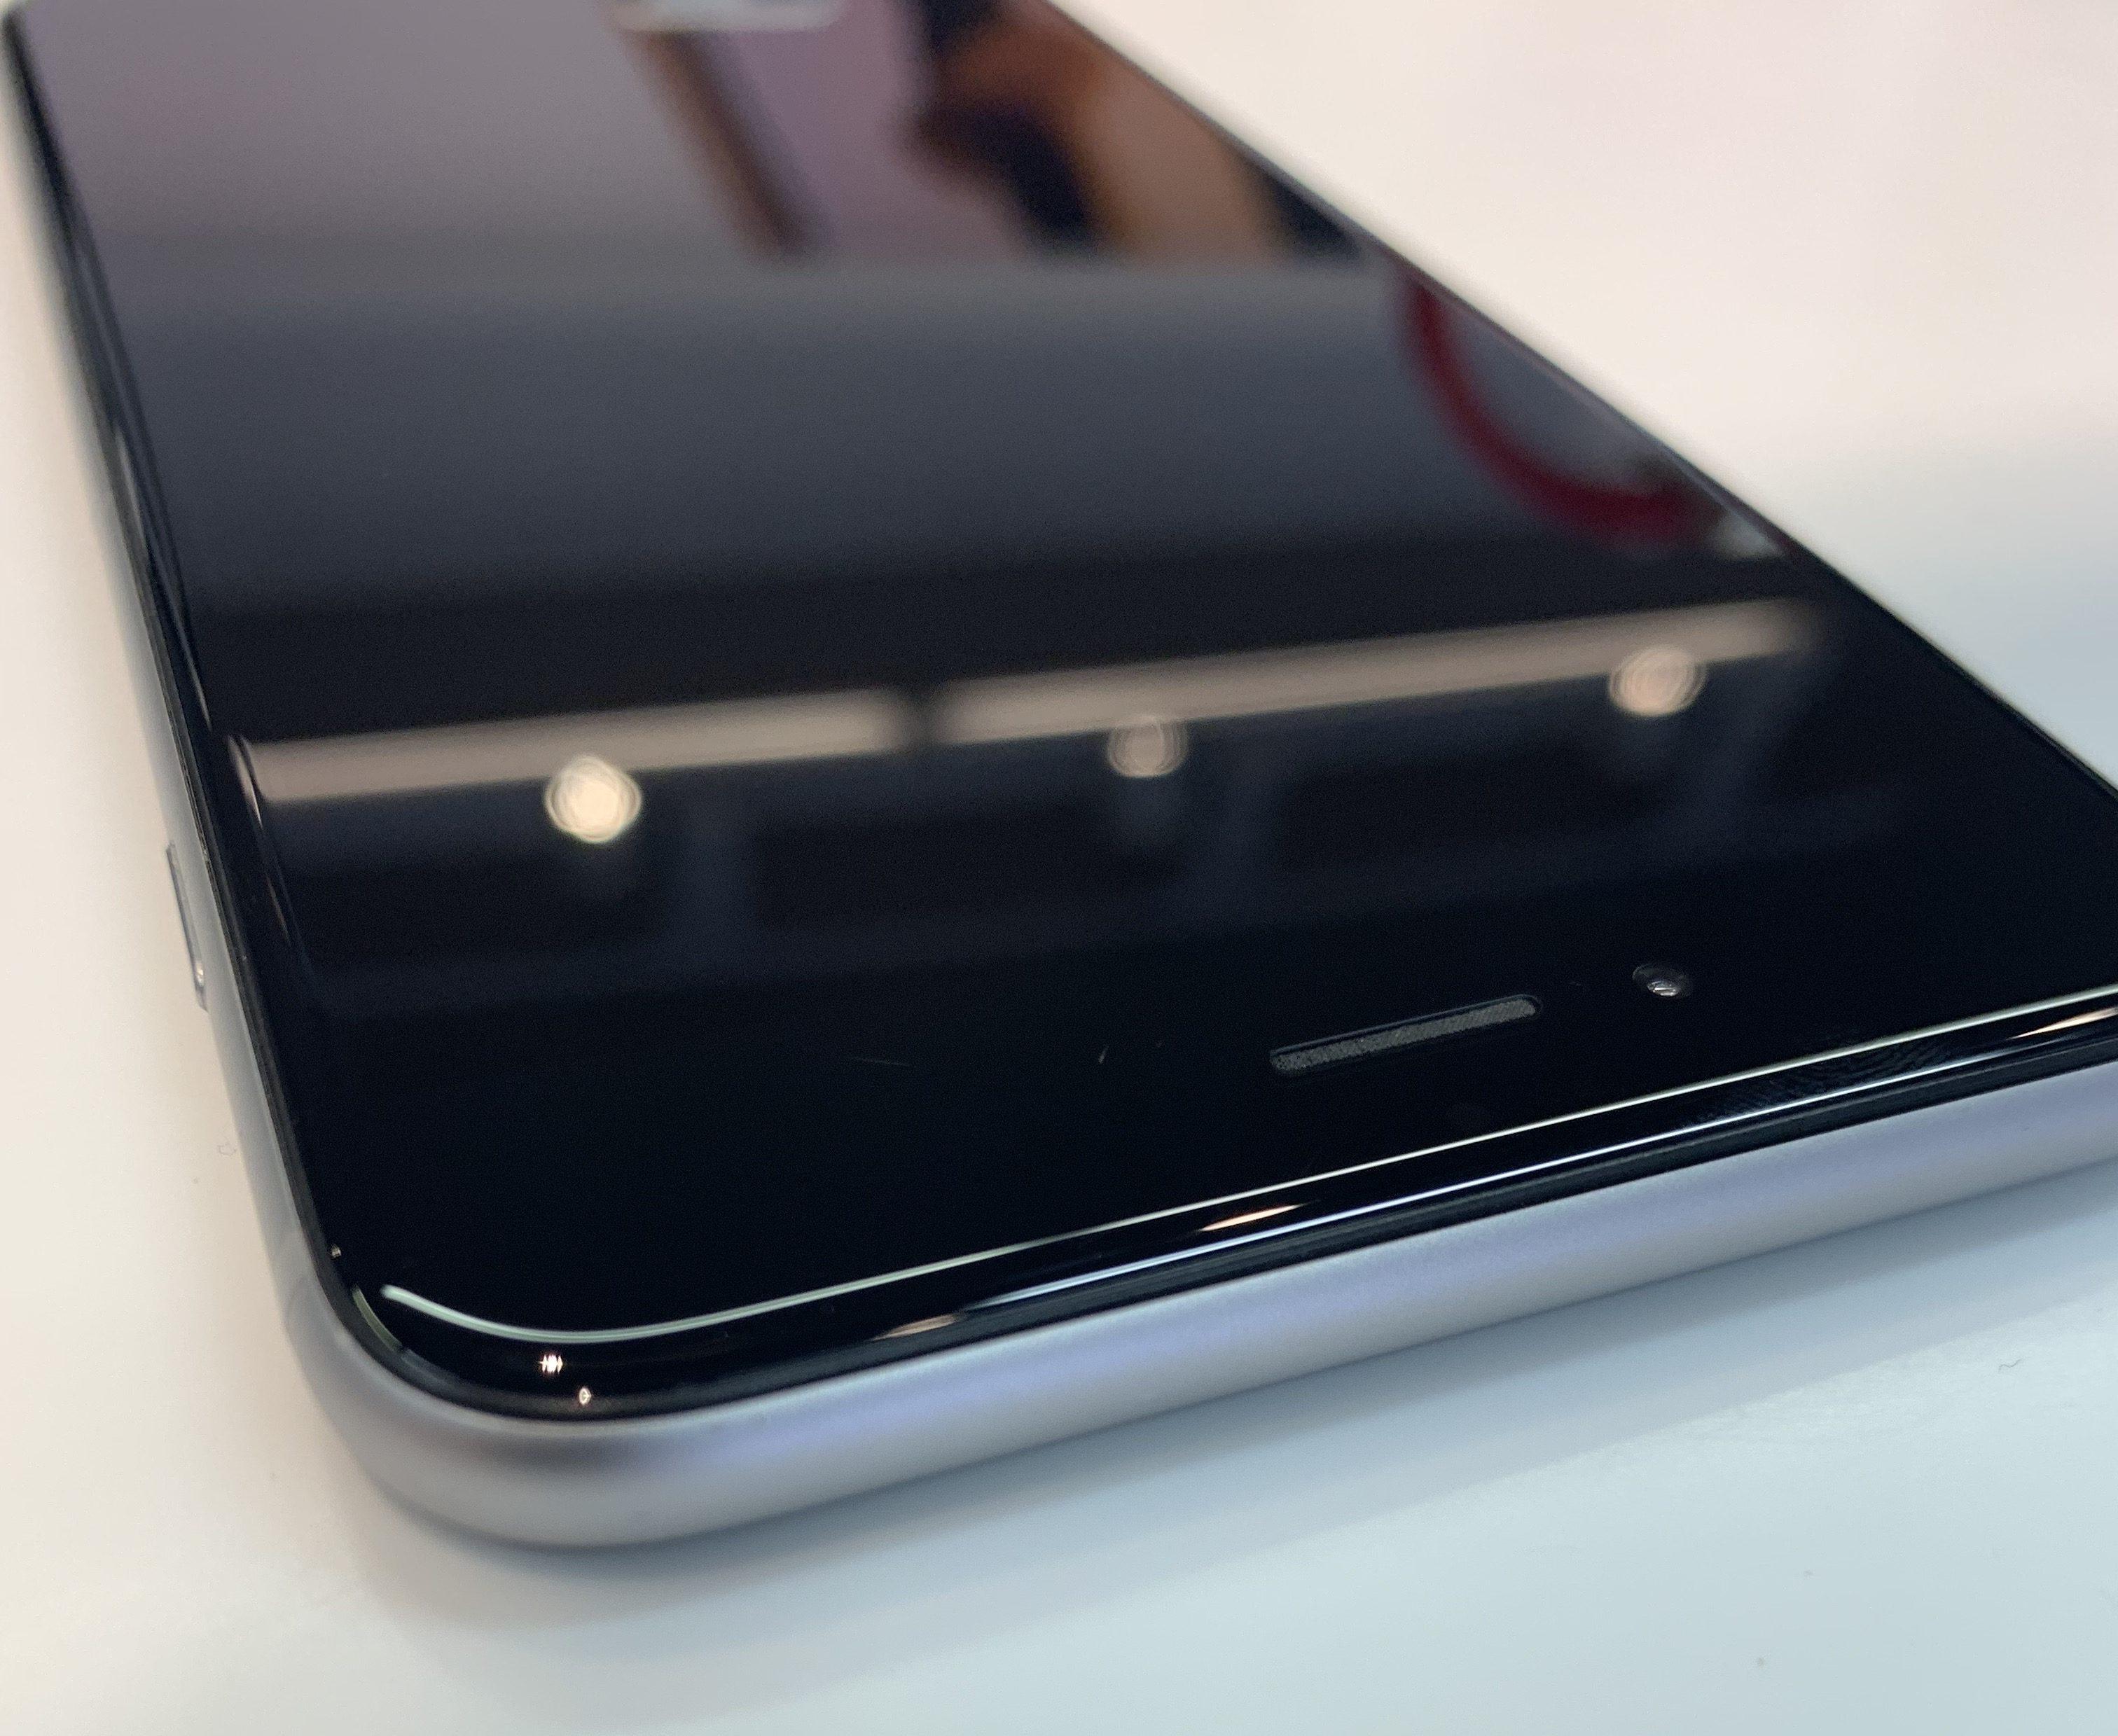 iPhone 6 Plus 16GB, 16 GB, Space Gray, imagen 6